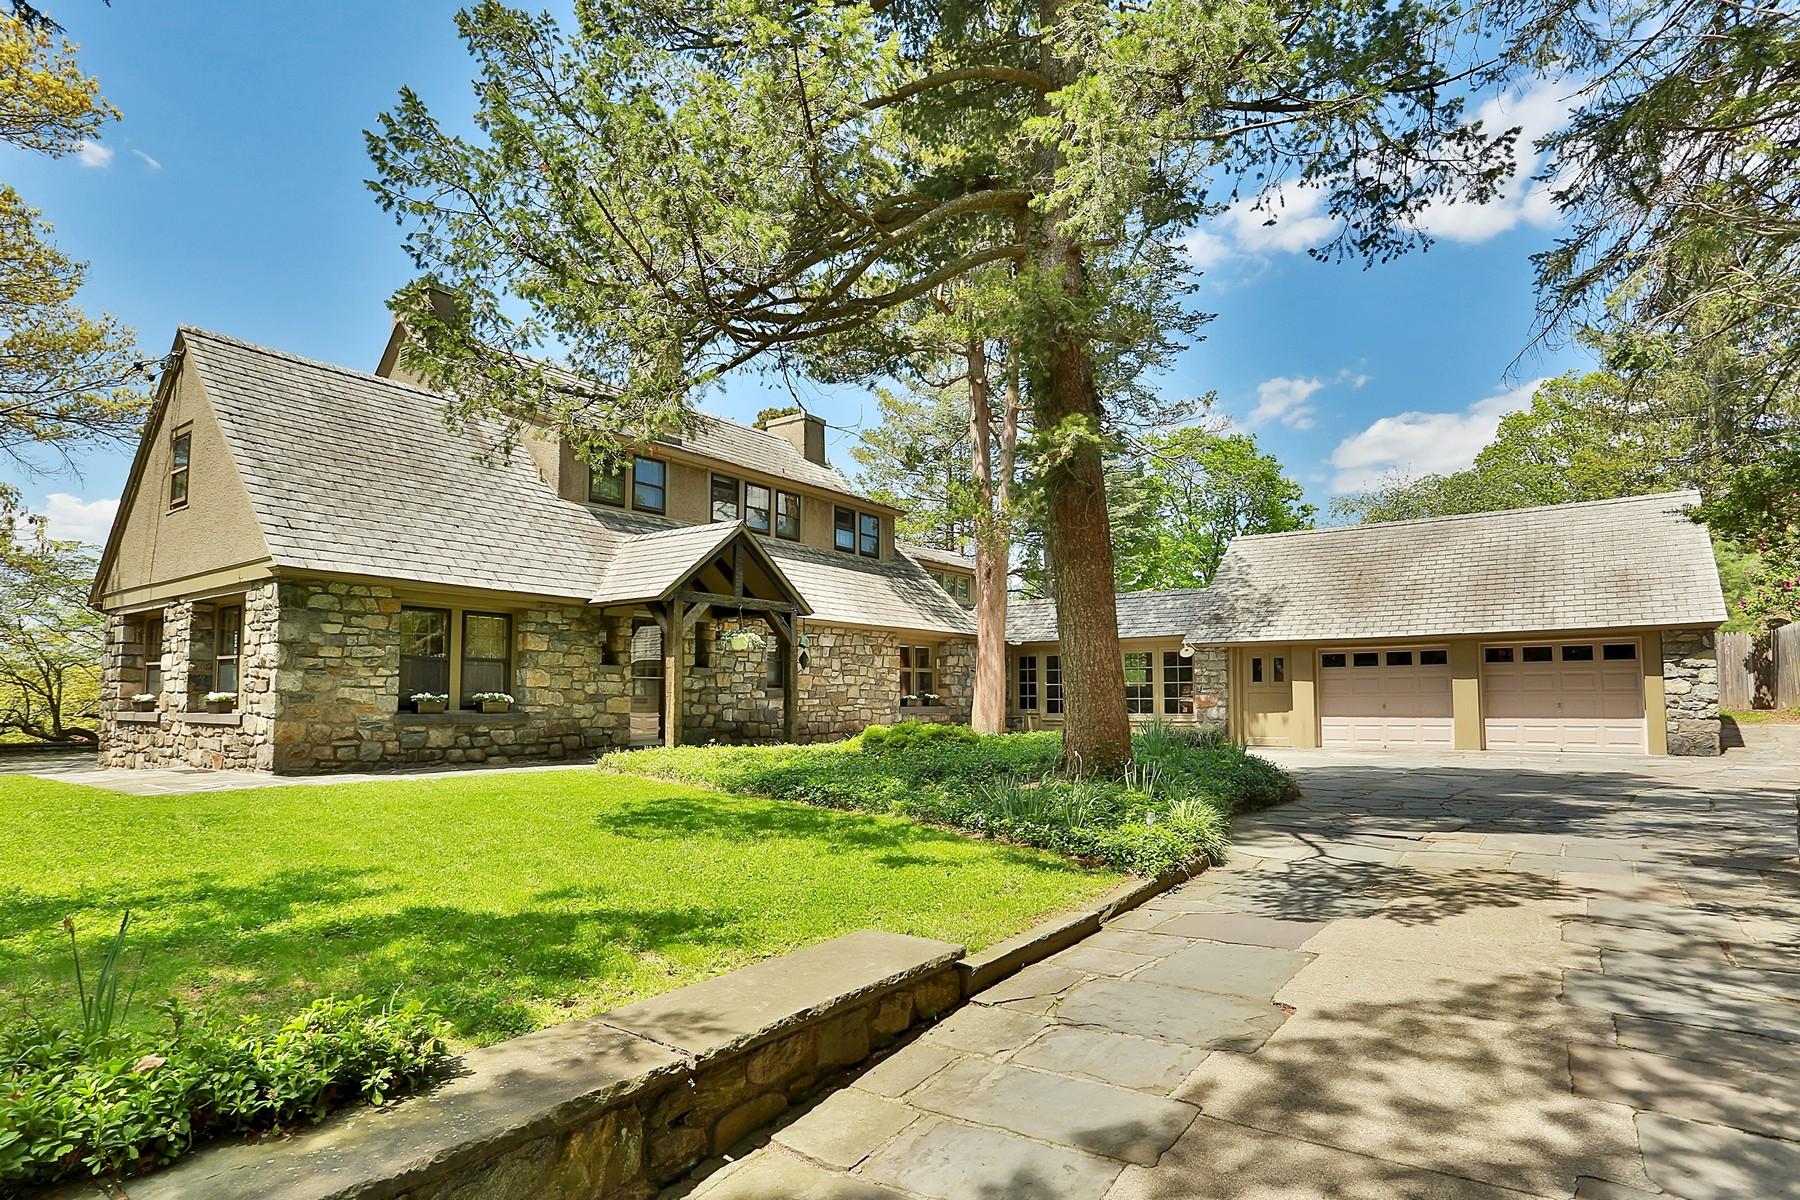 Частный односемейный дом для того Продажа на Field Stone Masterpiece 1450 Summit Avenue Peekskill, Нью-Йорк 10566 Соединенные Штаты